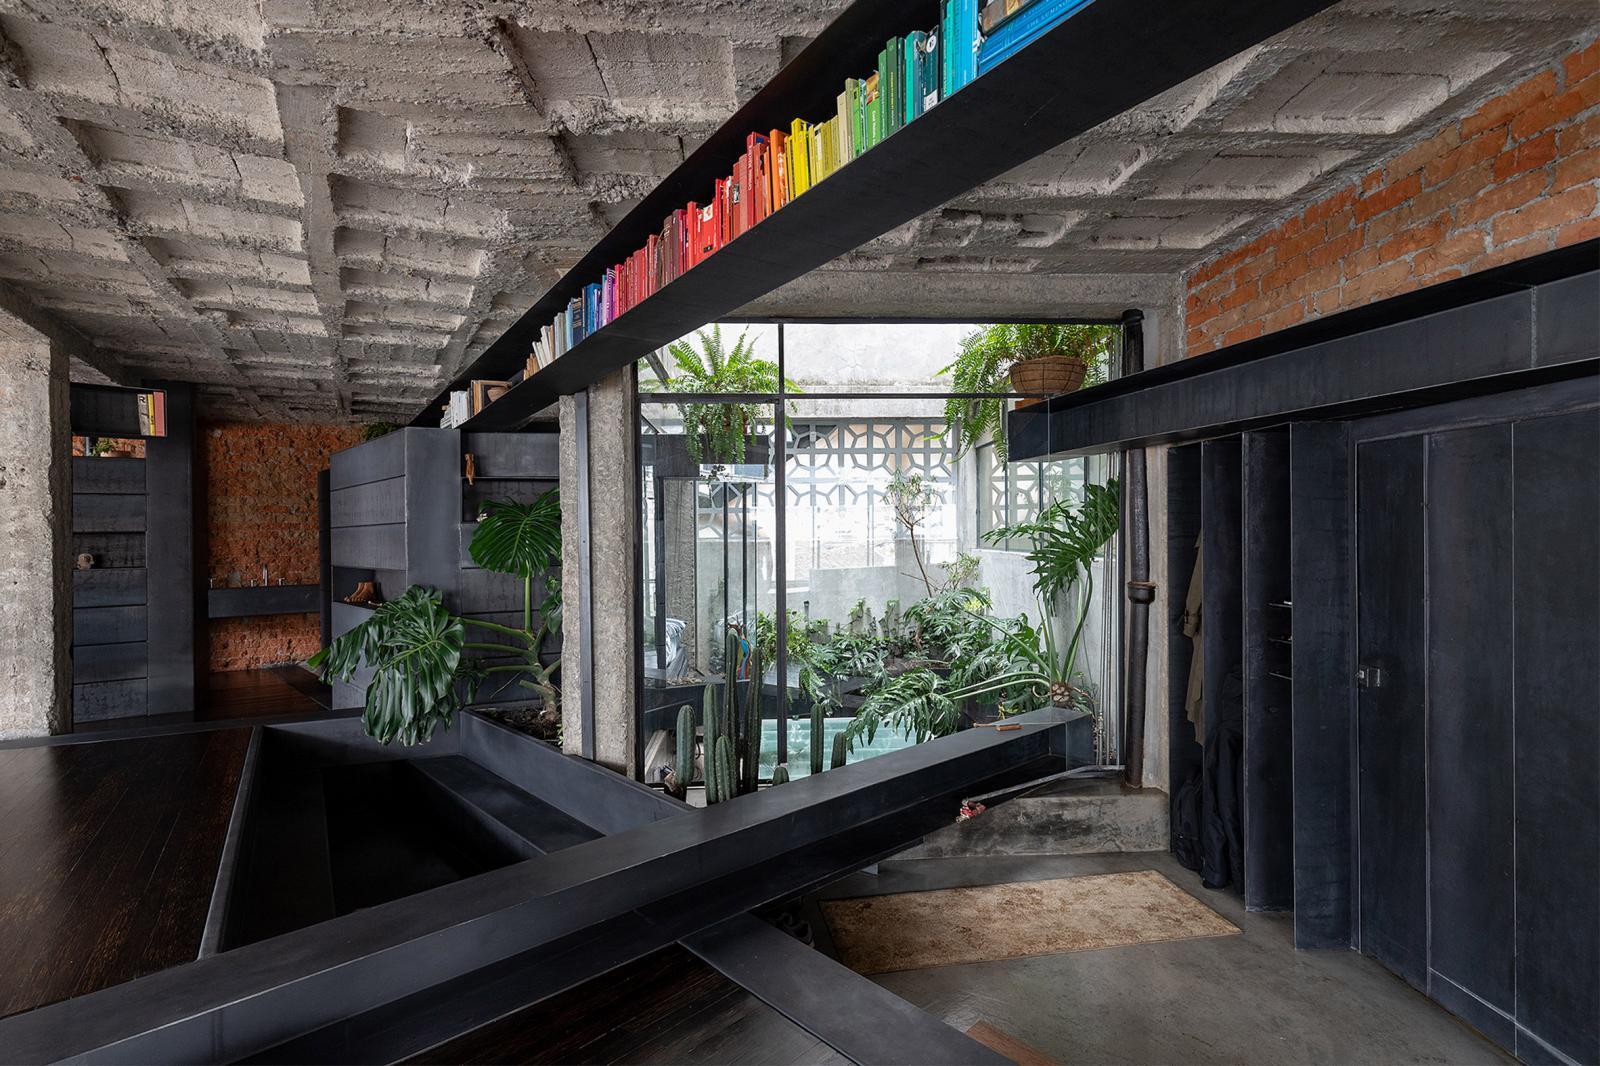 hình ảnh một góc phòng sinh hoạt chung trong căn hộ với kệ sách màu đen sát trần, cây xanh trang trí